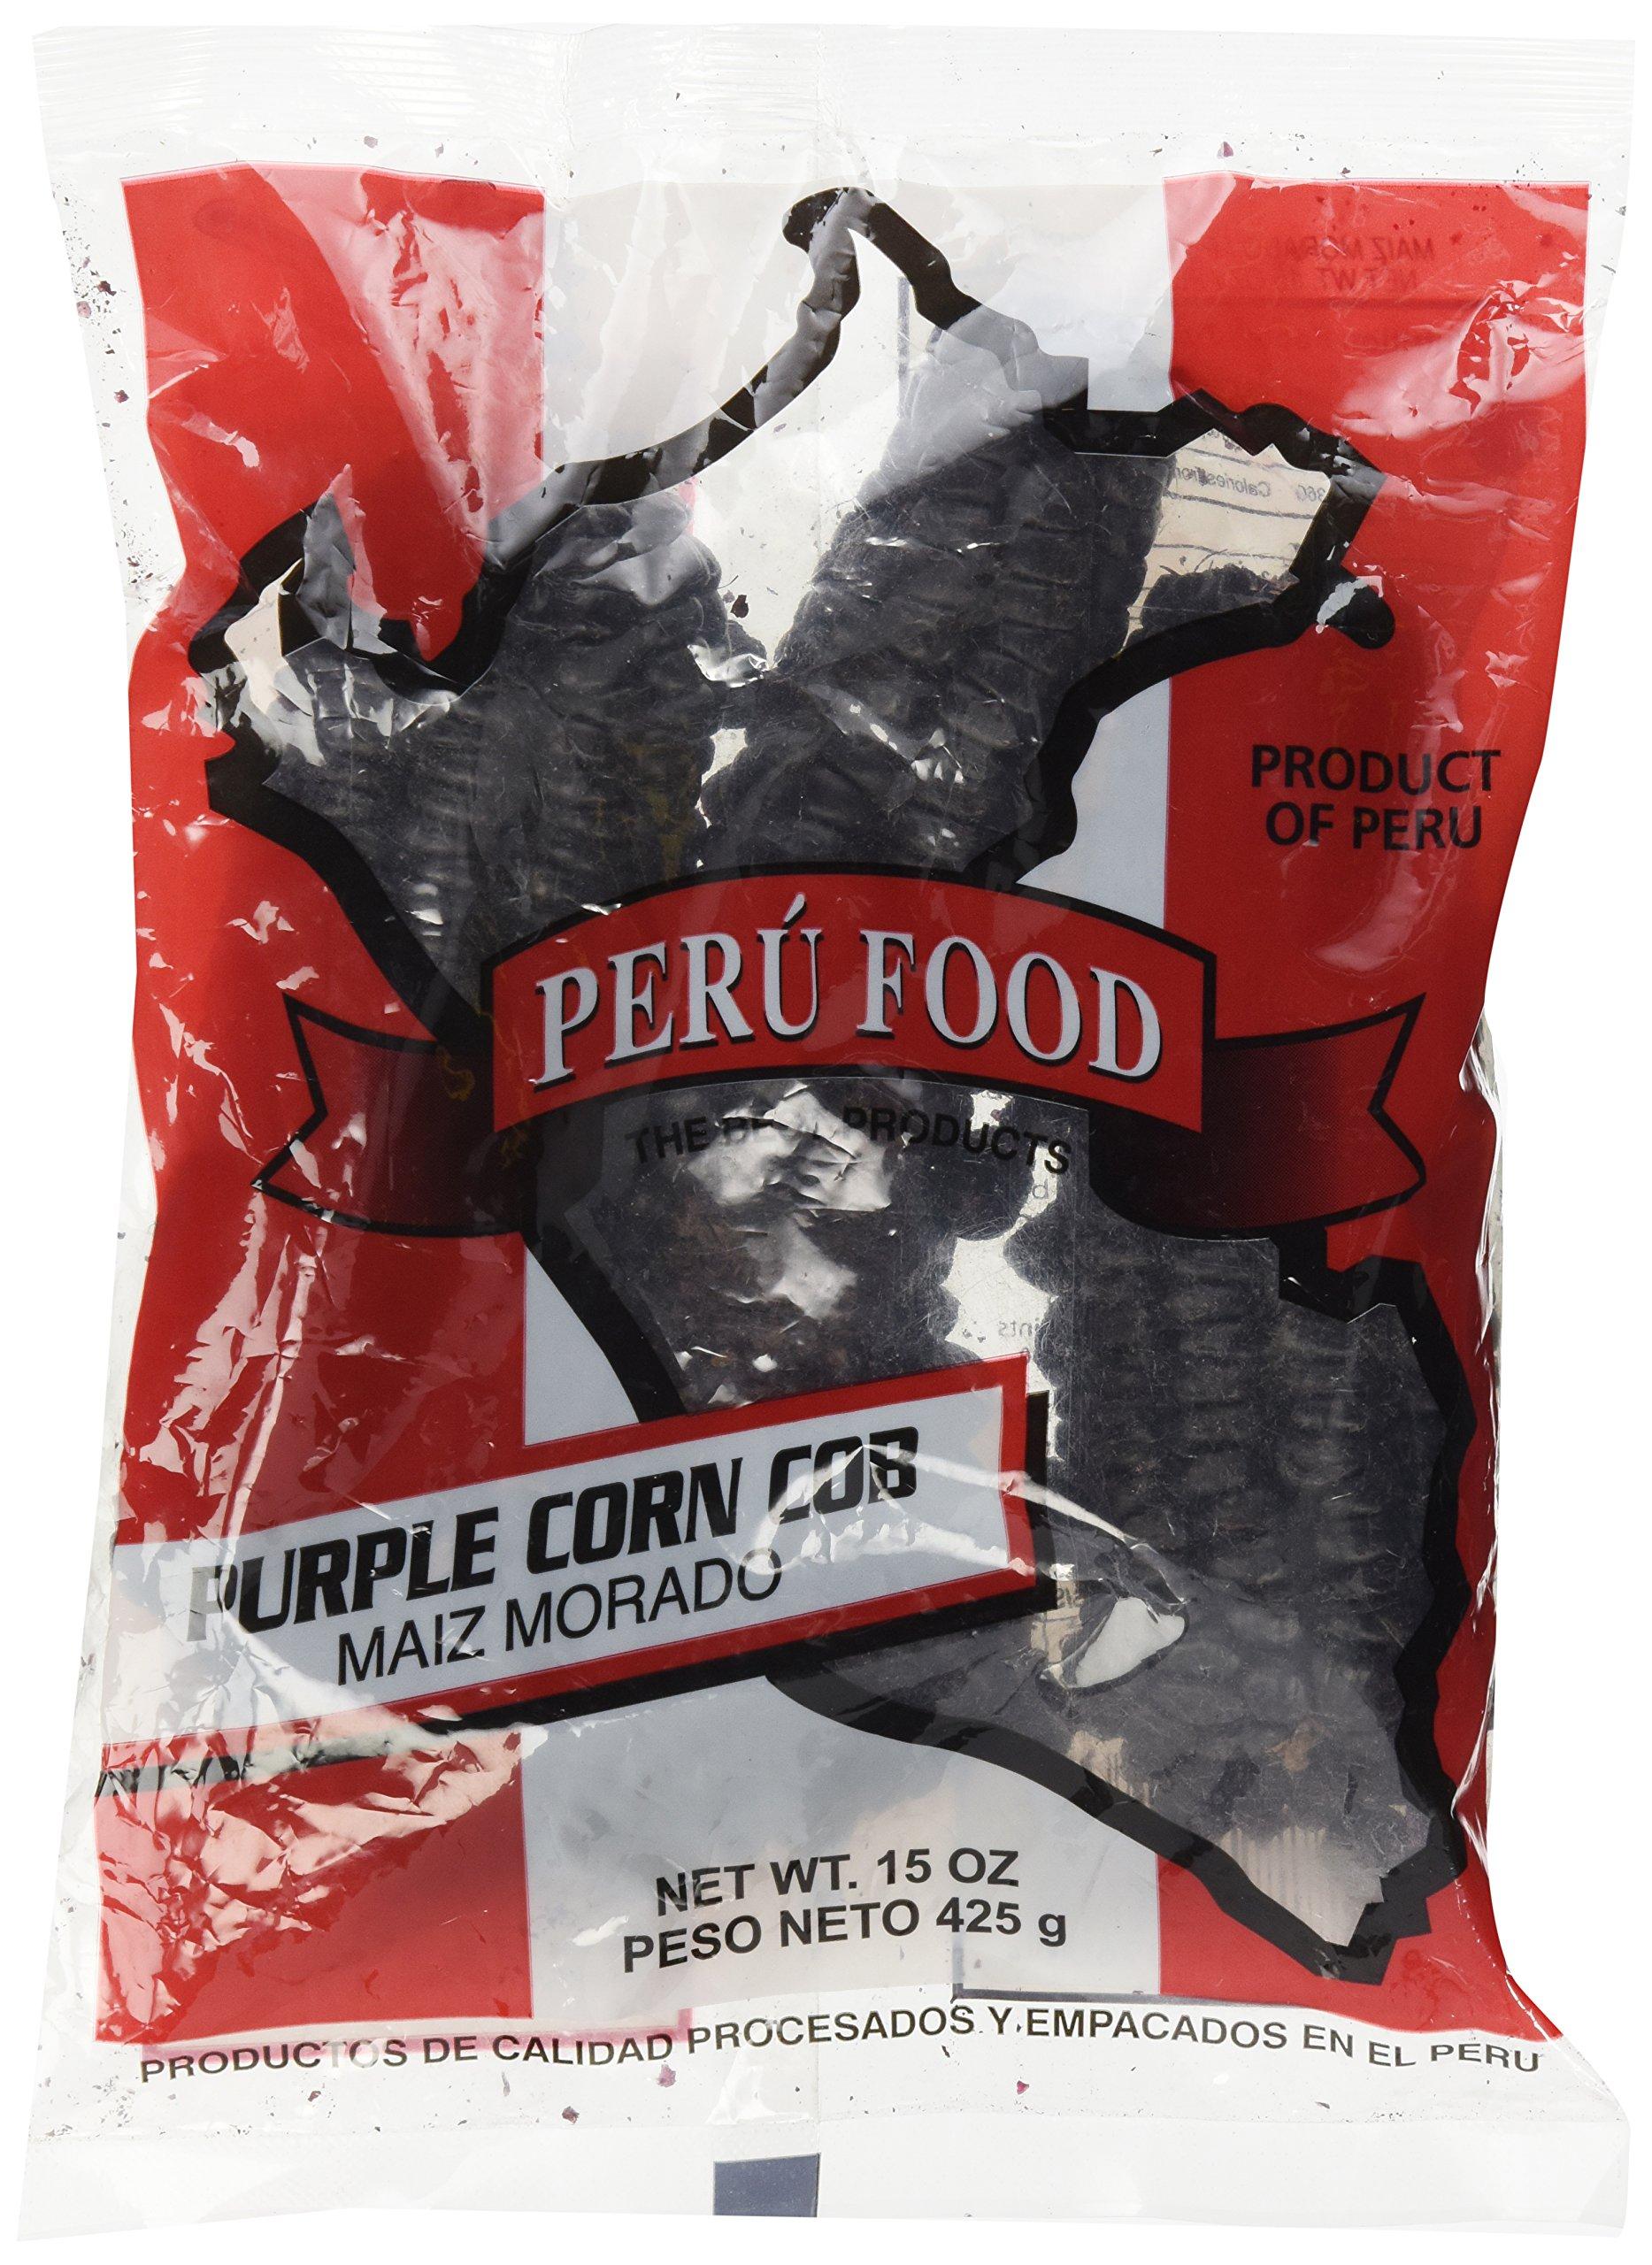 Peru Food Maiz Morado Purple Corn Cob 15 Oz. by Peru Food